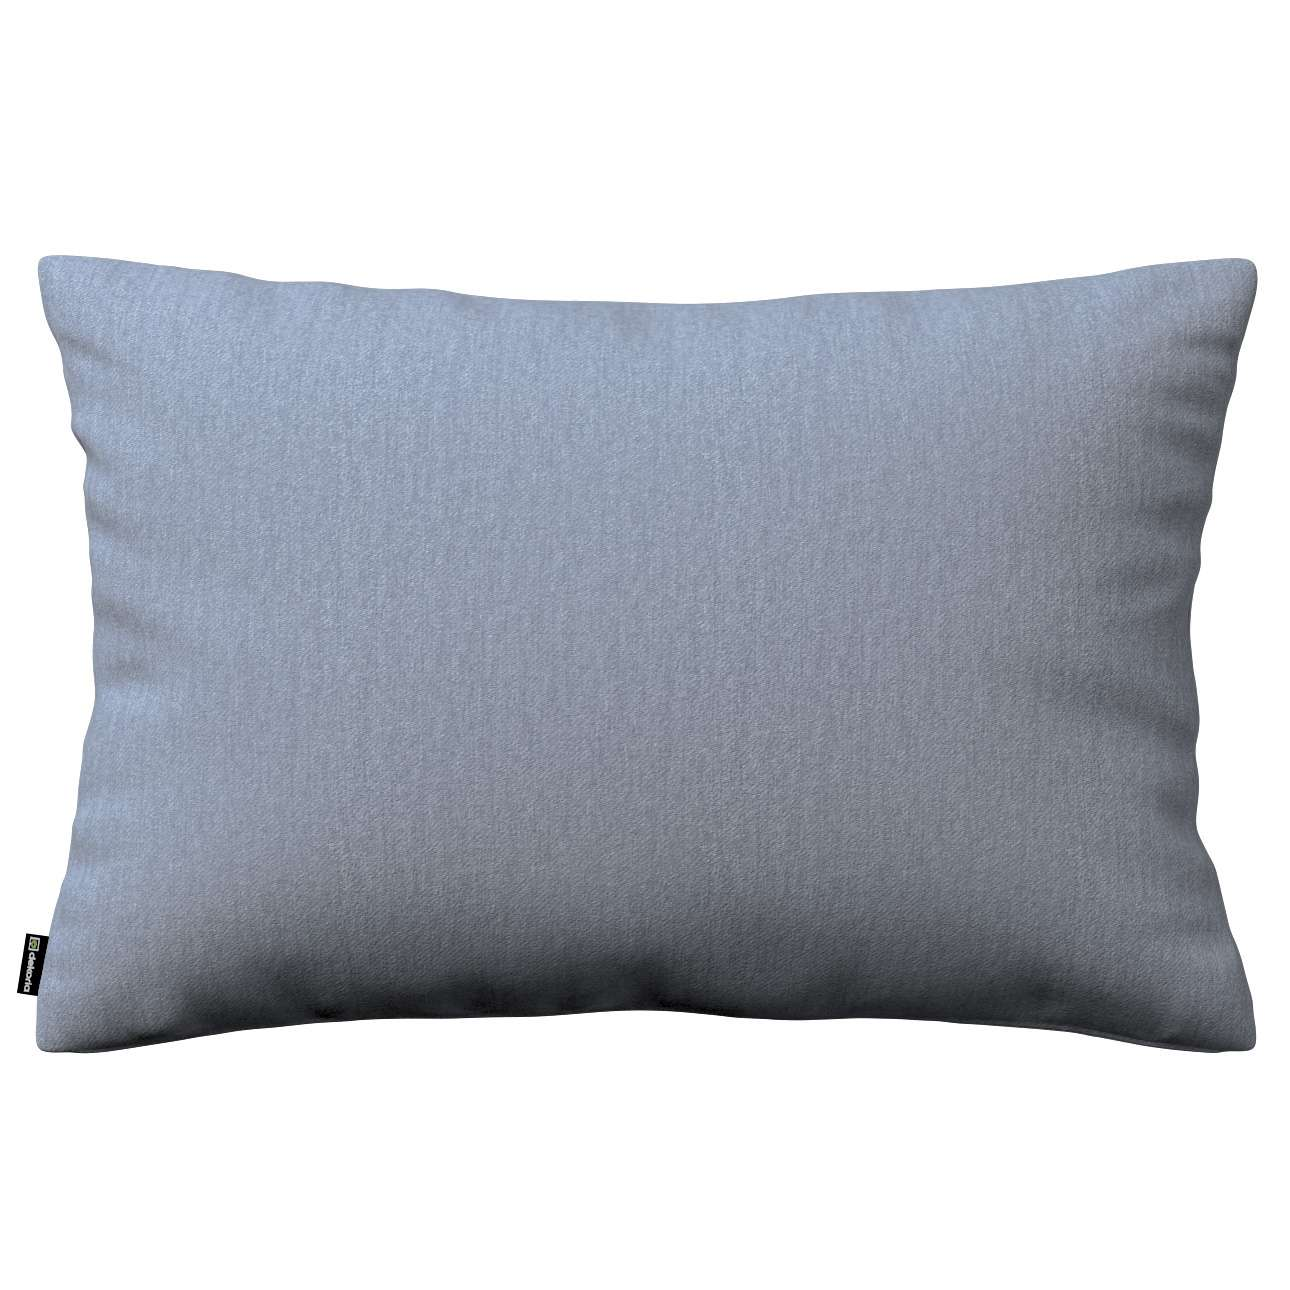 Poszewka Kinga na poduszkę prostokątną w kolekcji Chenille, tkanina: 702-13